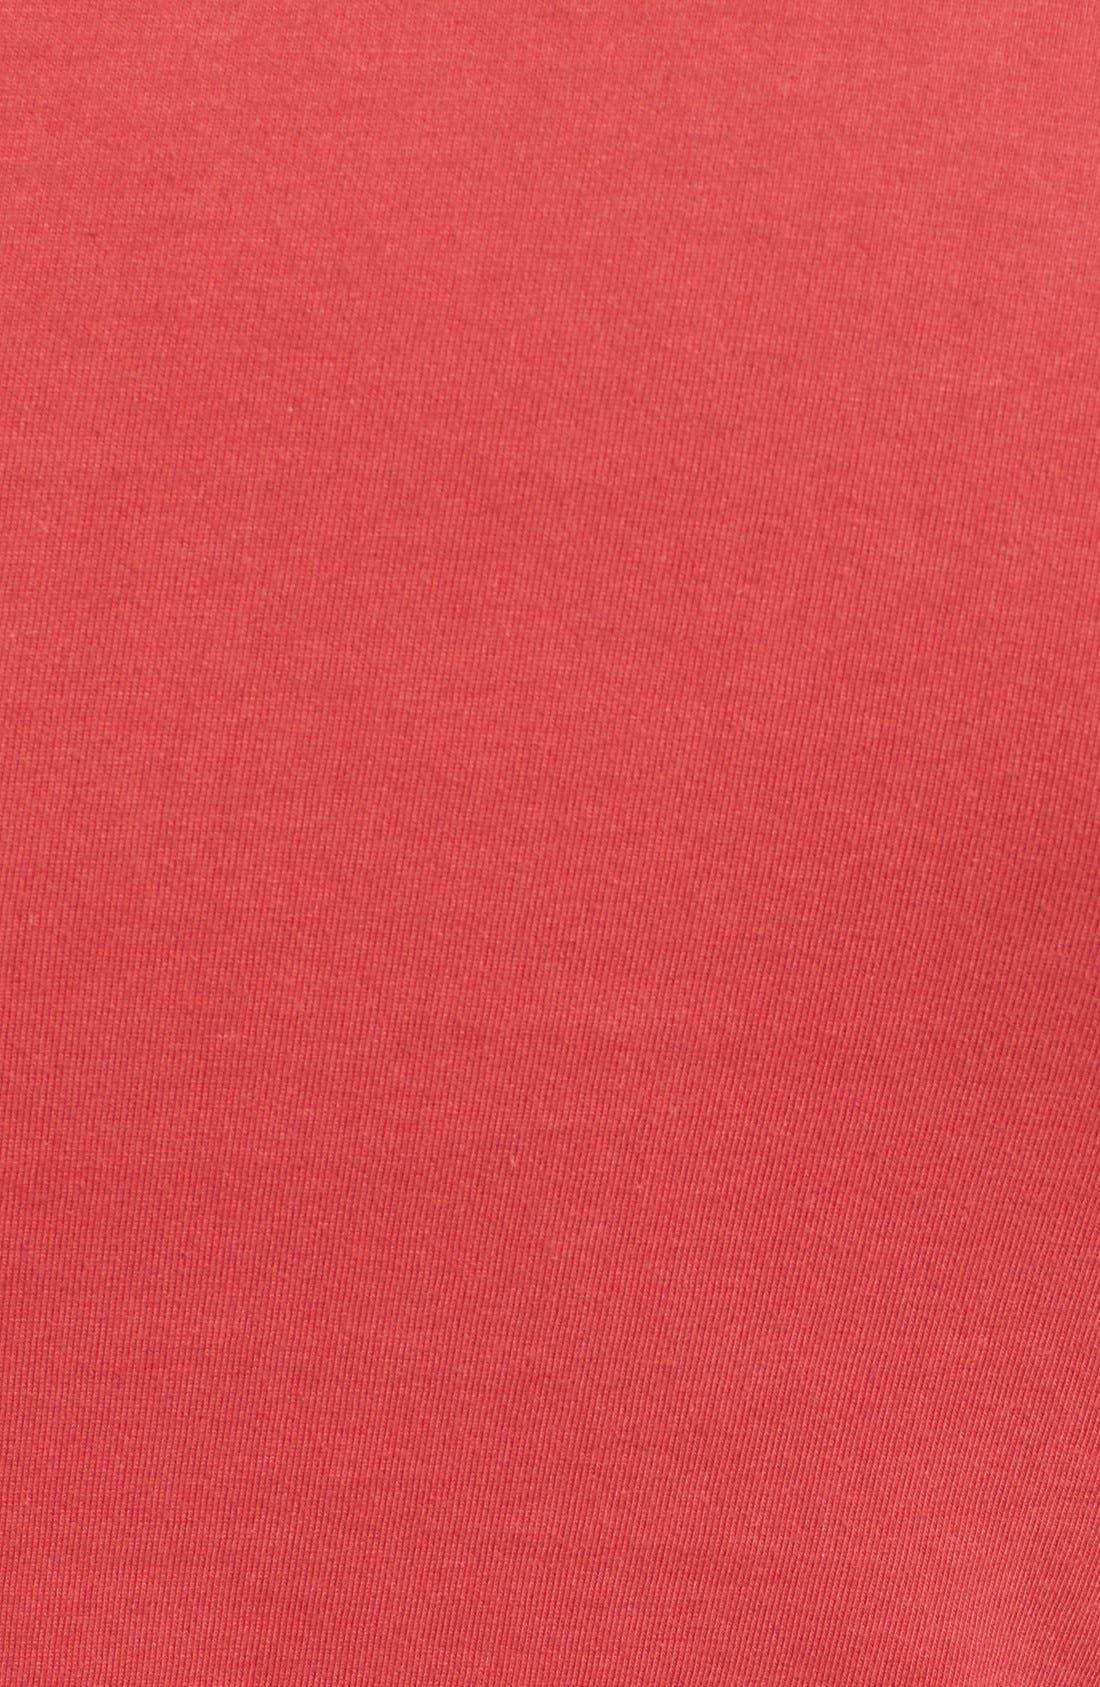 Alternate Image 3  - Red Jacket 'Canadians' T-Shirt (Men)